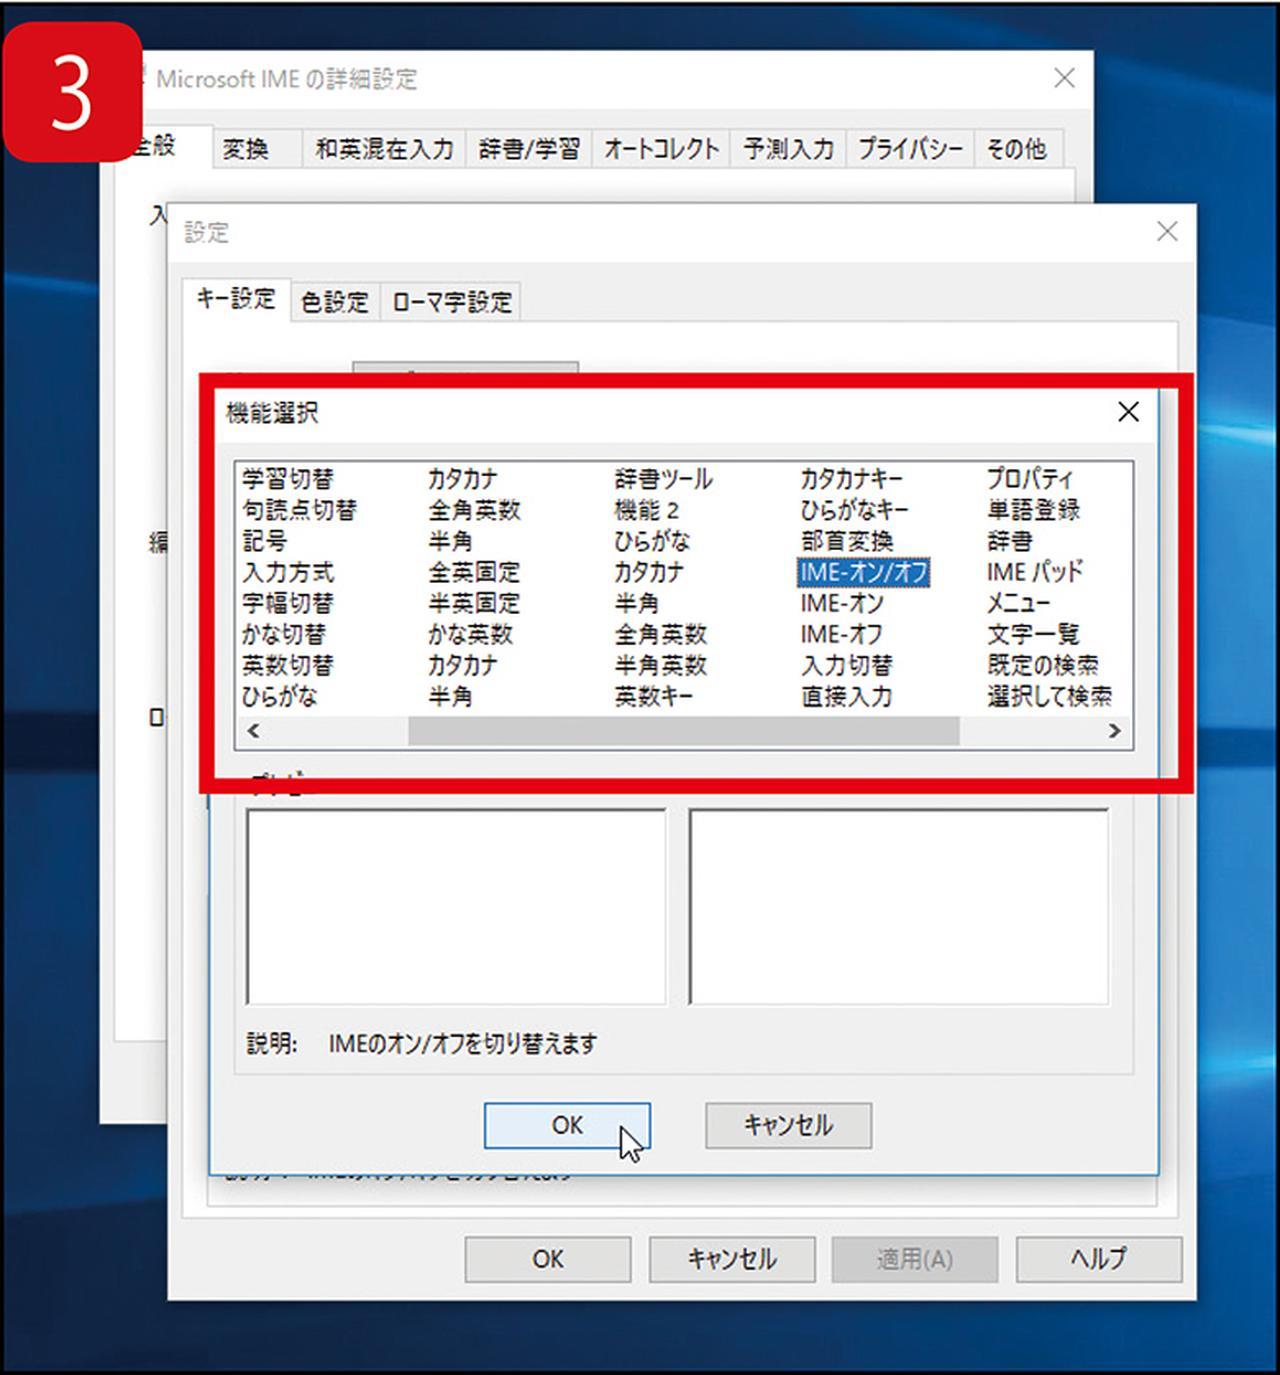 画像: ②の画面で「変更」ボタンをクリックすると、IMEのオン/オフなど、キーに割り当てられる機能一覧が表示される。好きな機能を選んで「OK」を実行しよう。